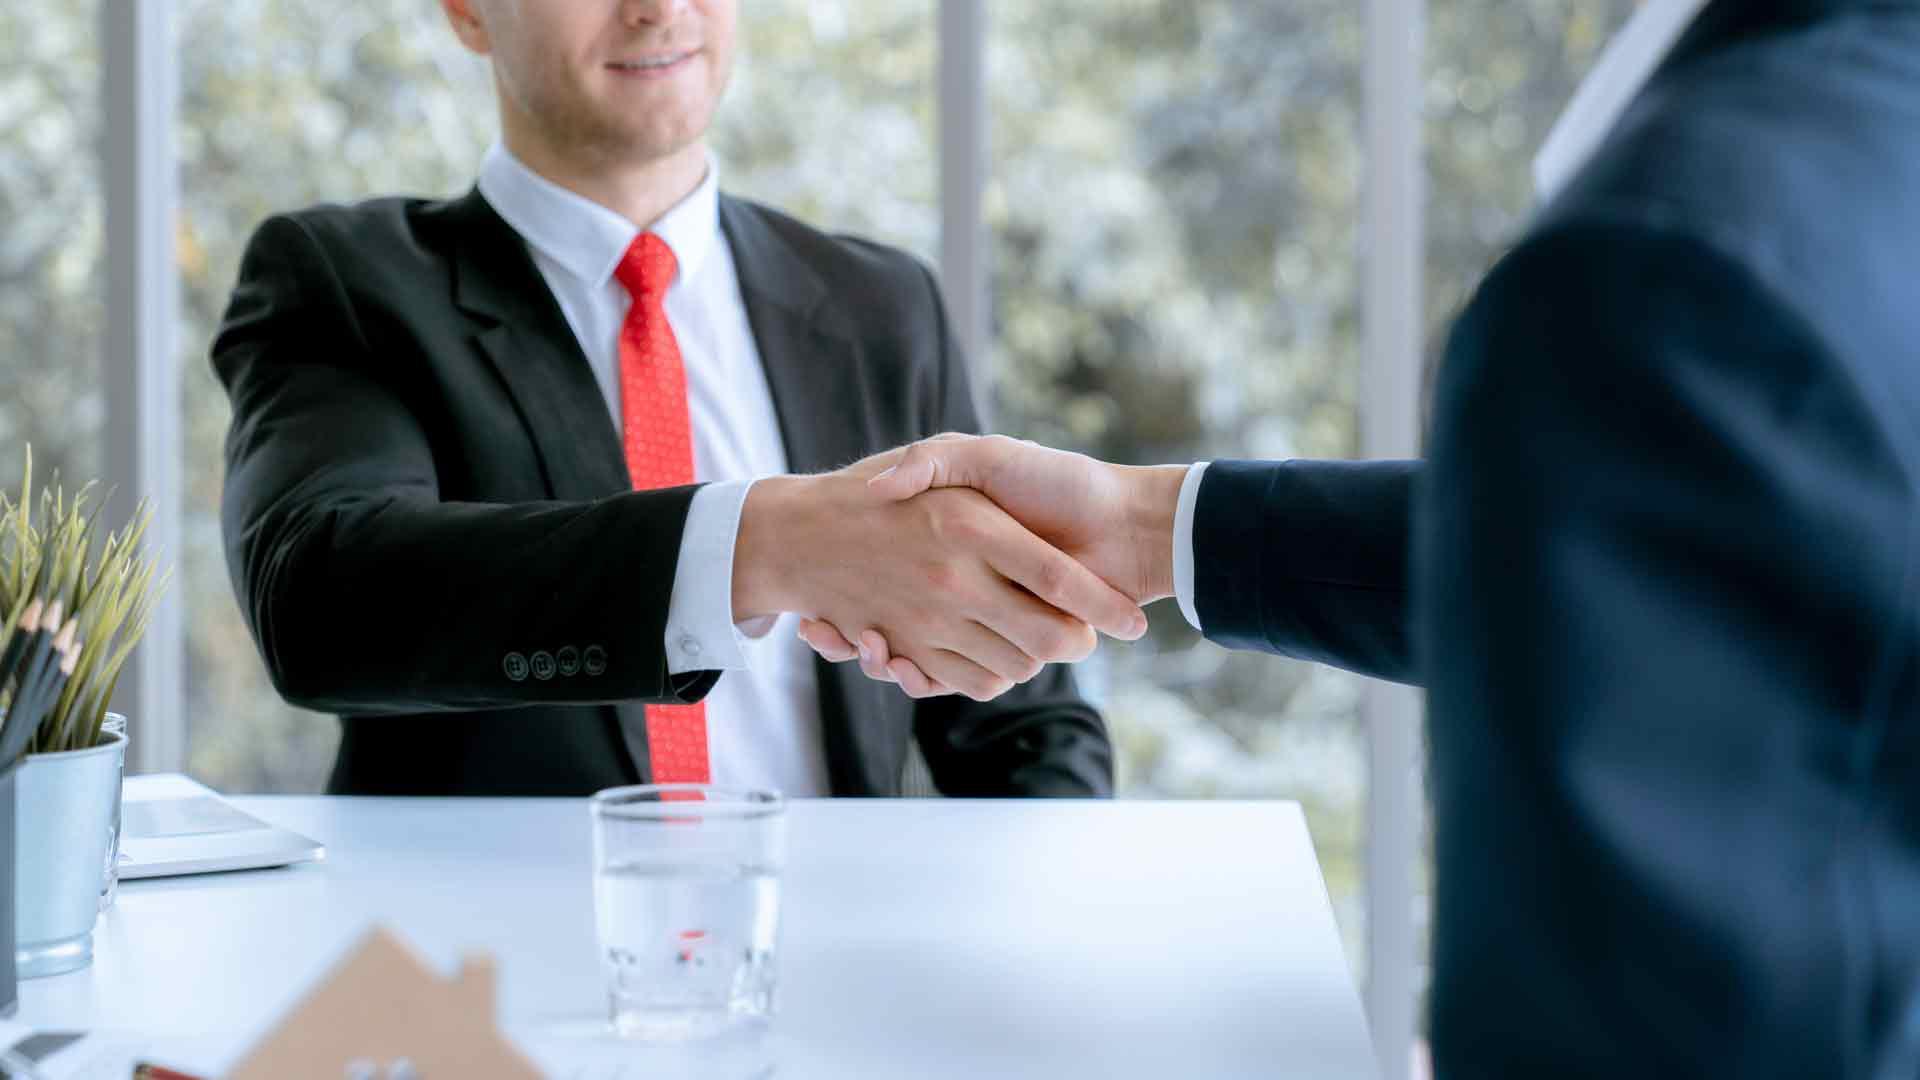 מנהל עסקים - תואר יעיל לעתיד מבטיח